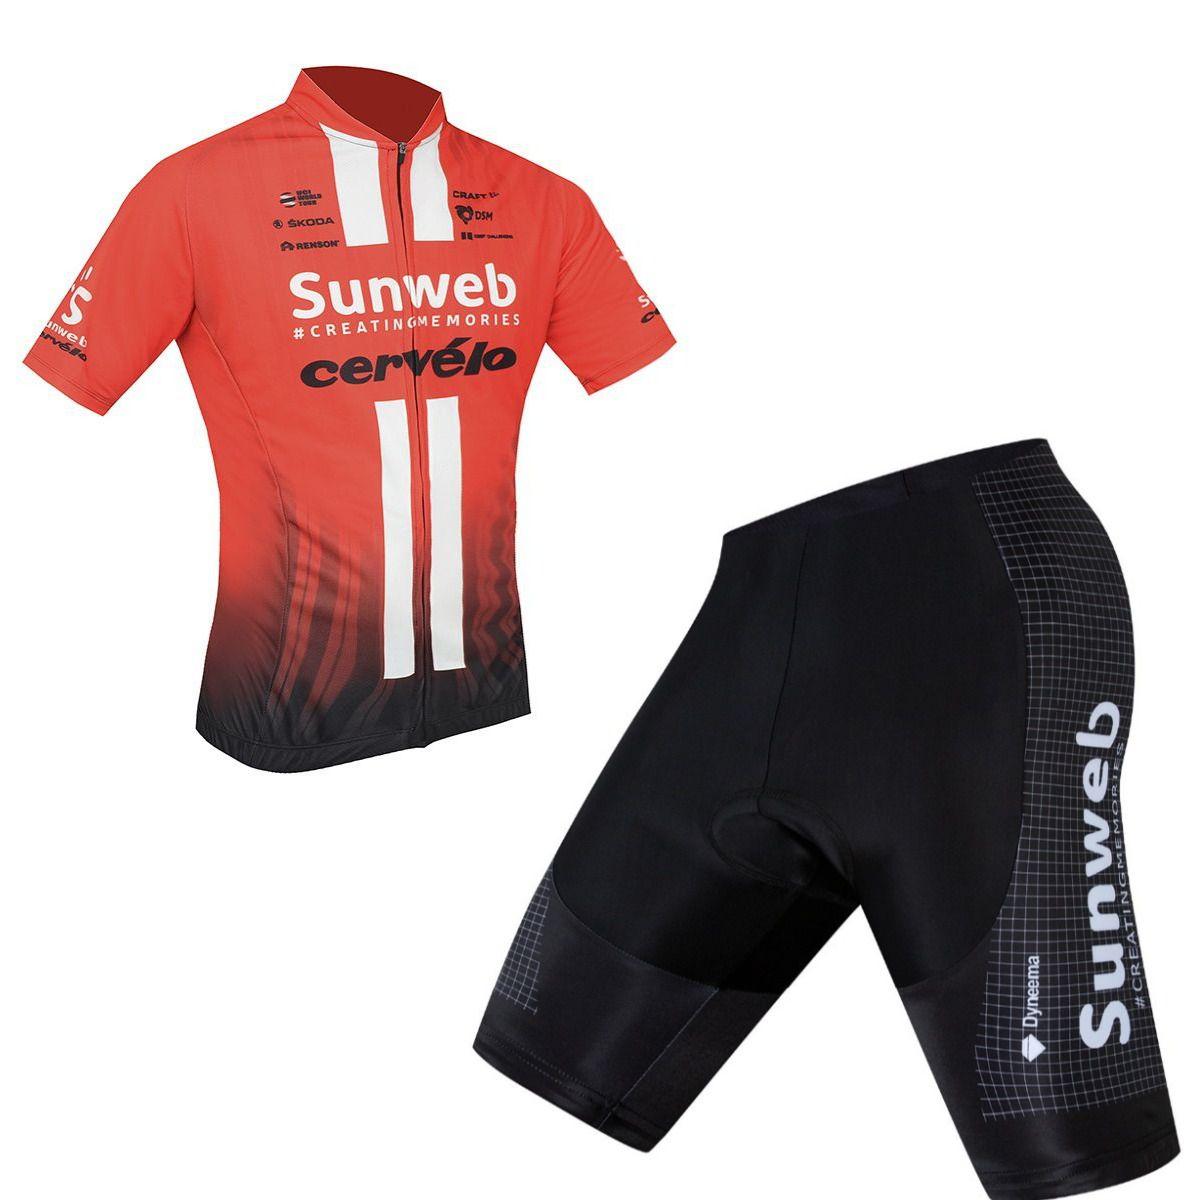 Conjunto Ciclismo World Tour Refactor Speed Mtb Sunweb Vermelho/preto